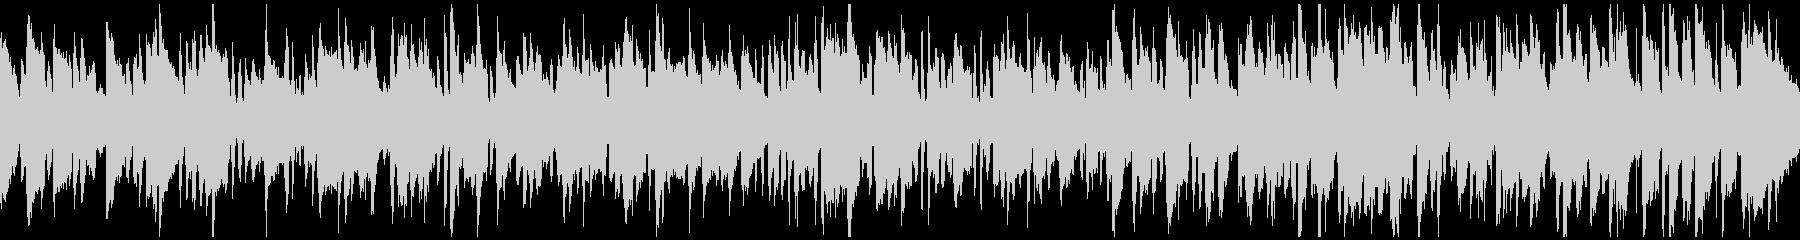 素朴なリコーダーのボサノバ ※ループ版の未再生の波形